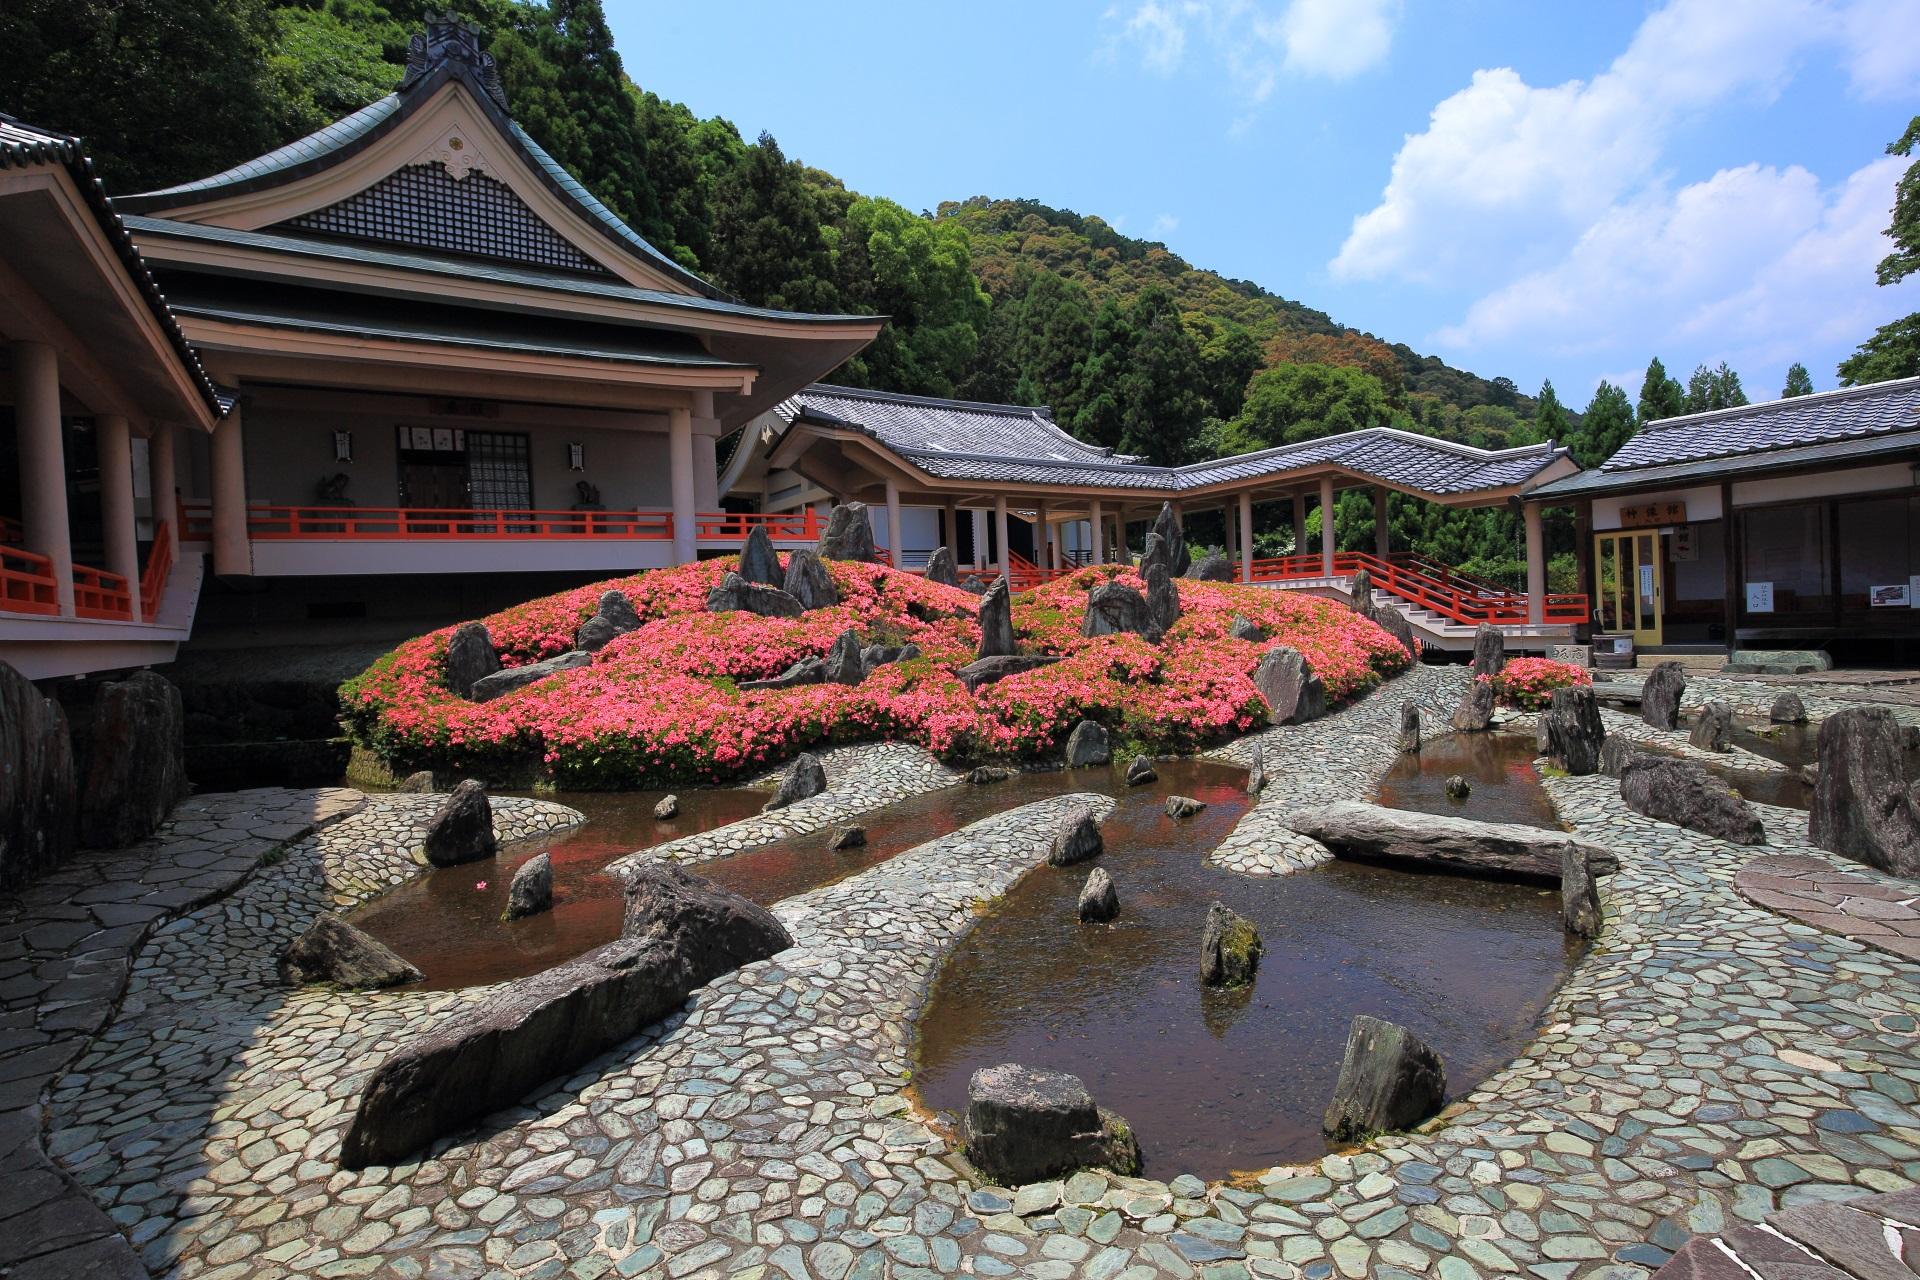 池泉式の上品な庭園の「曲水(きょくすい)の庭」